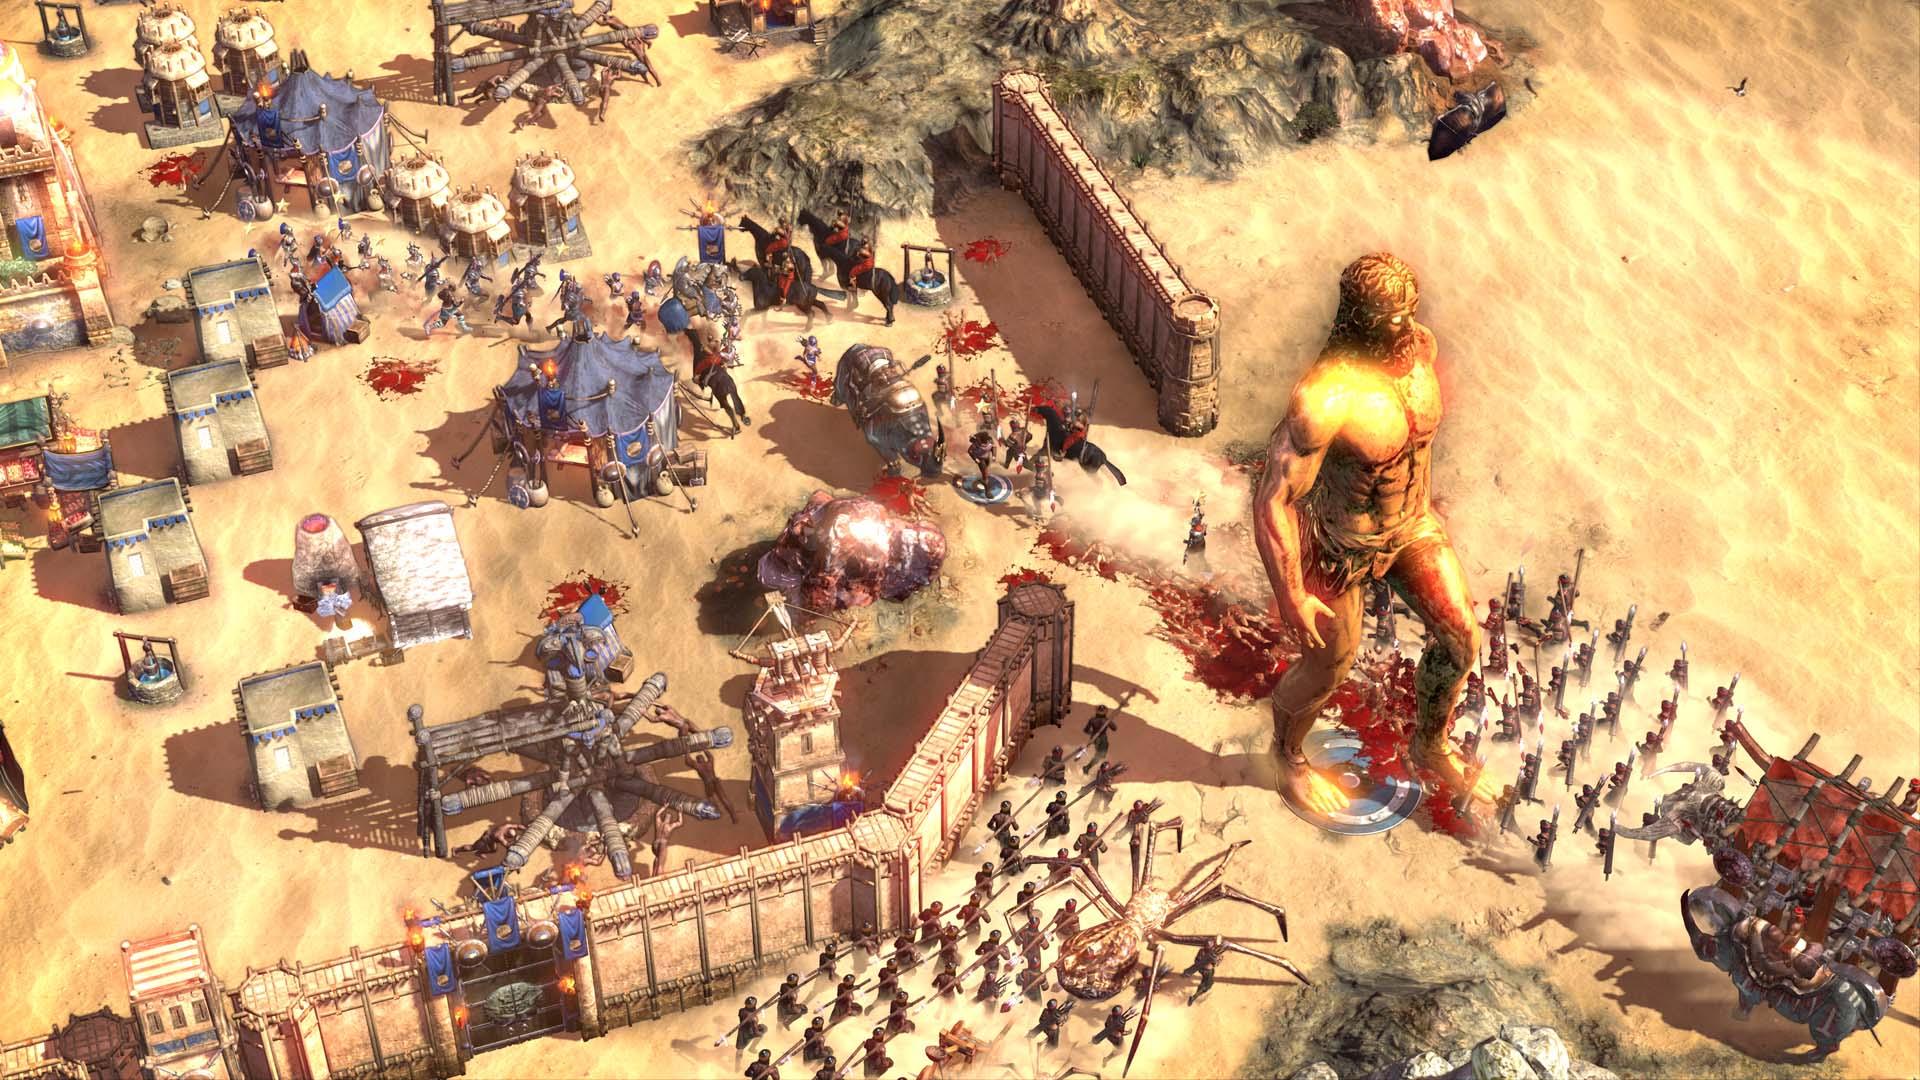 Conan Unconquered: Göttliche-Unterstützung in Form eines Avatars